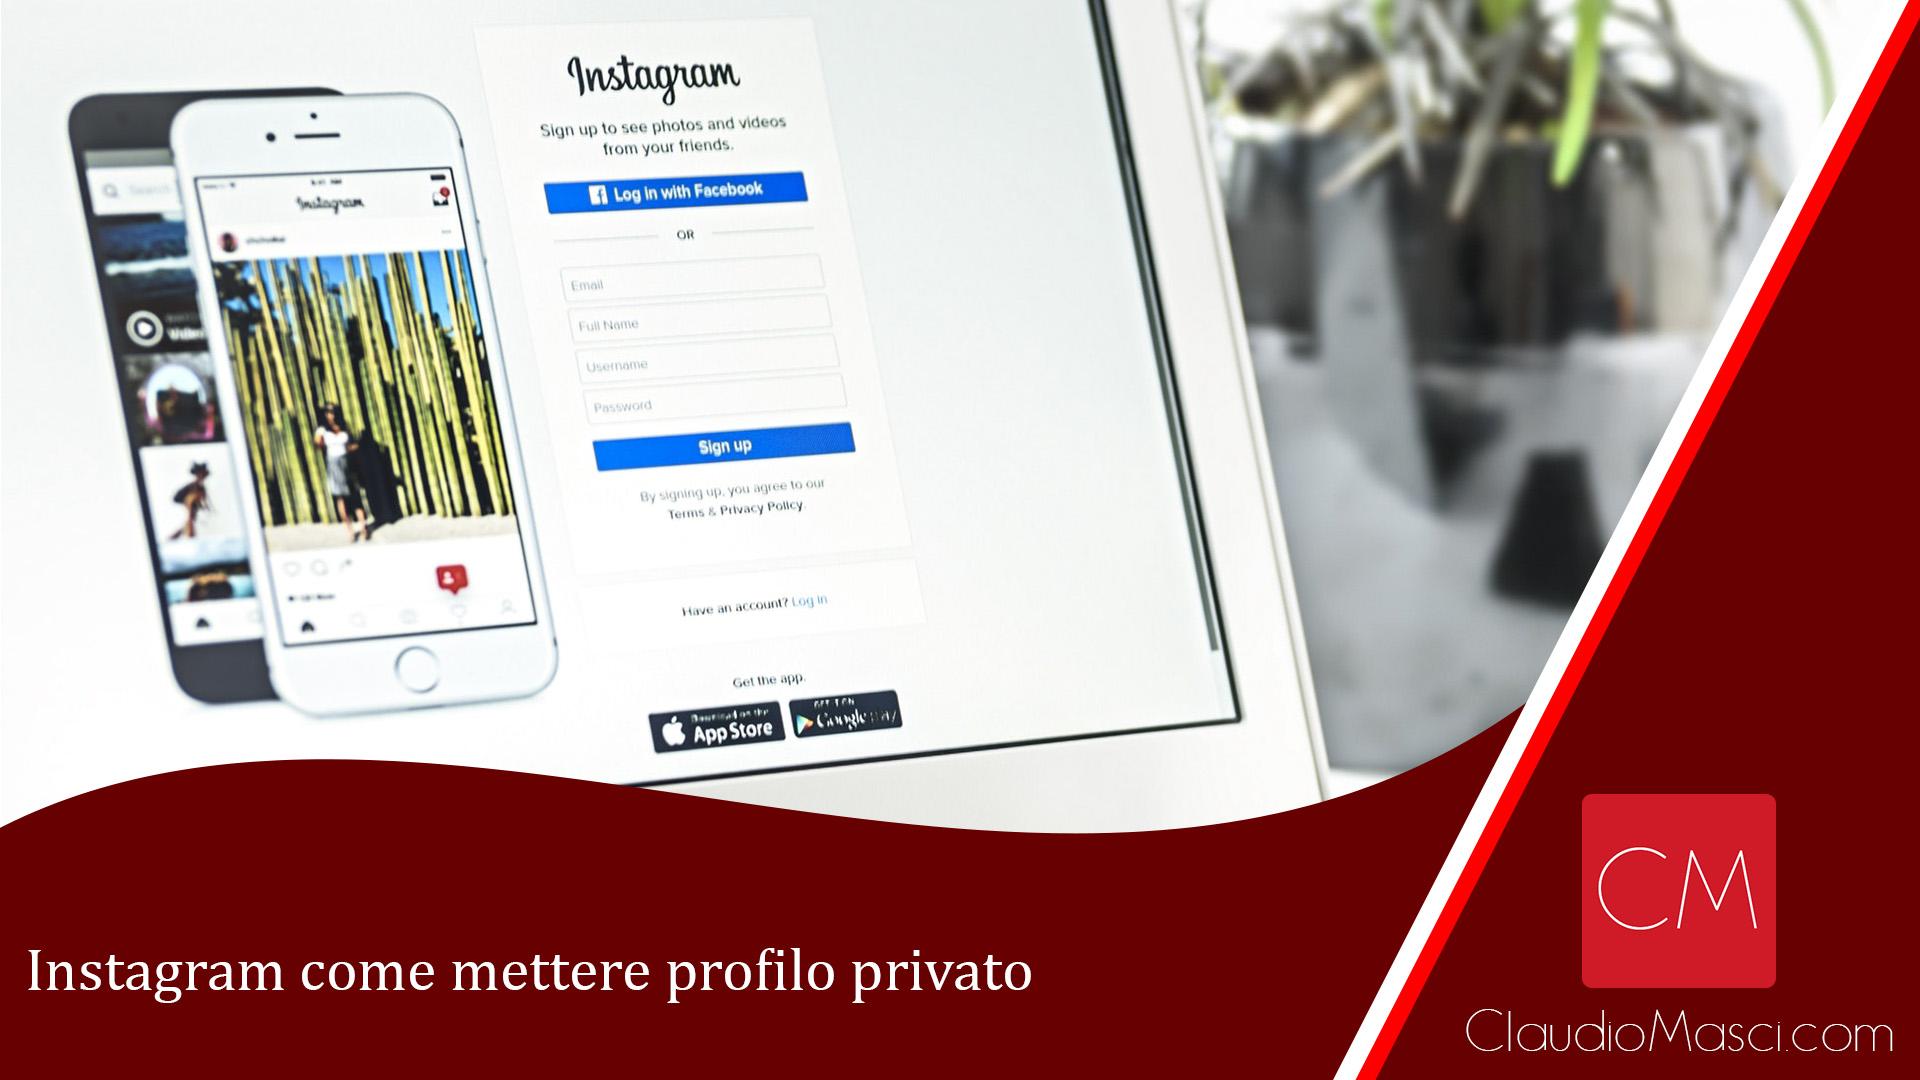 Instagram come mettere profilo privato